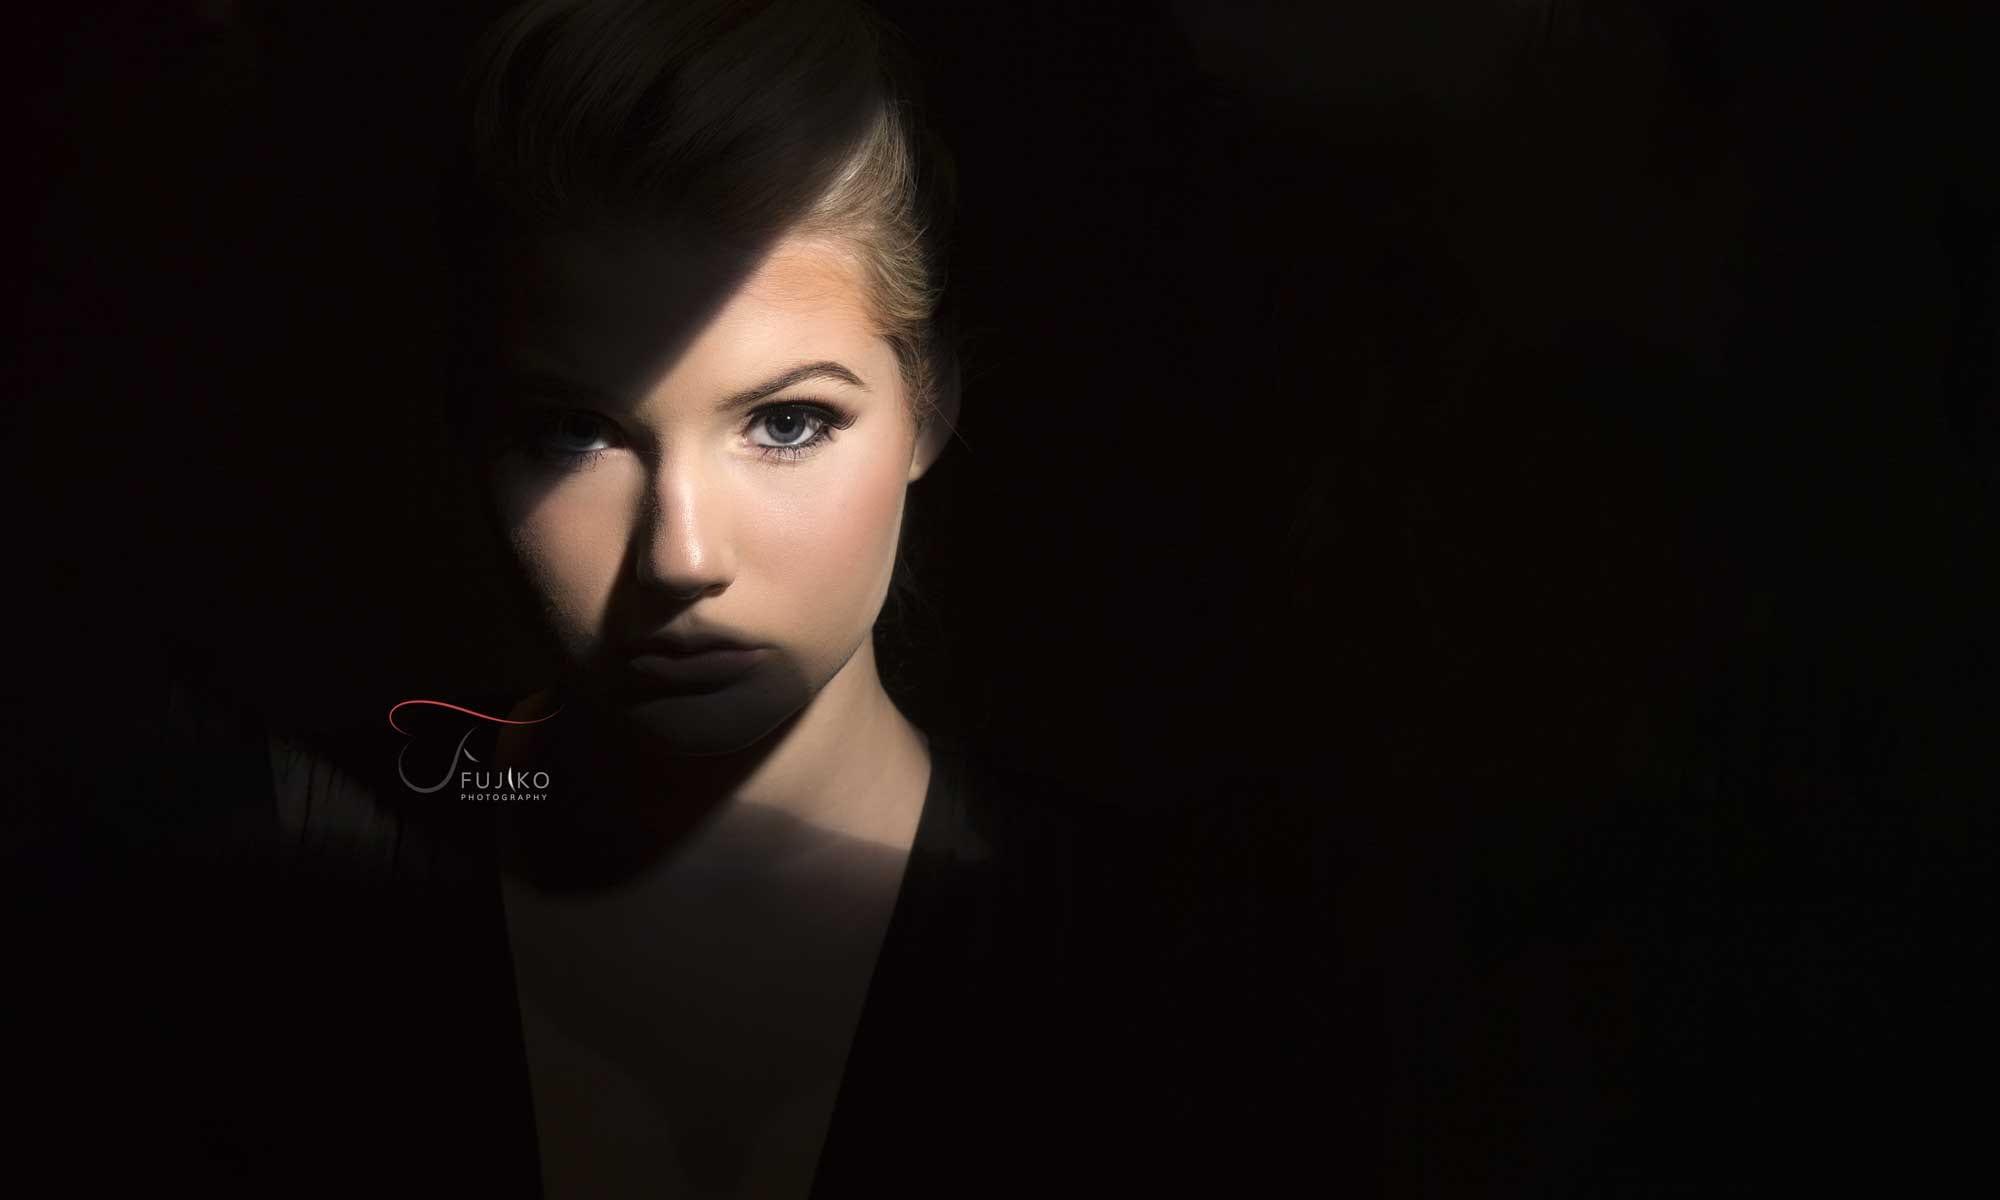 Portraits by Fujiko